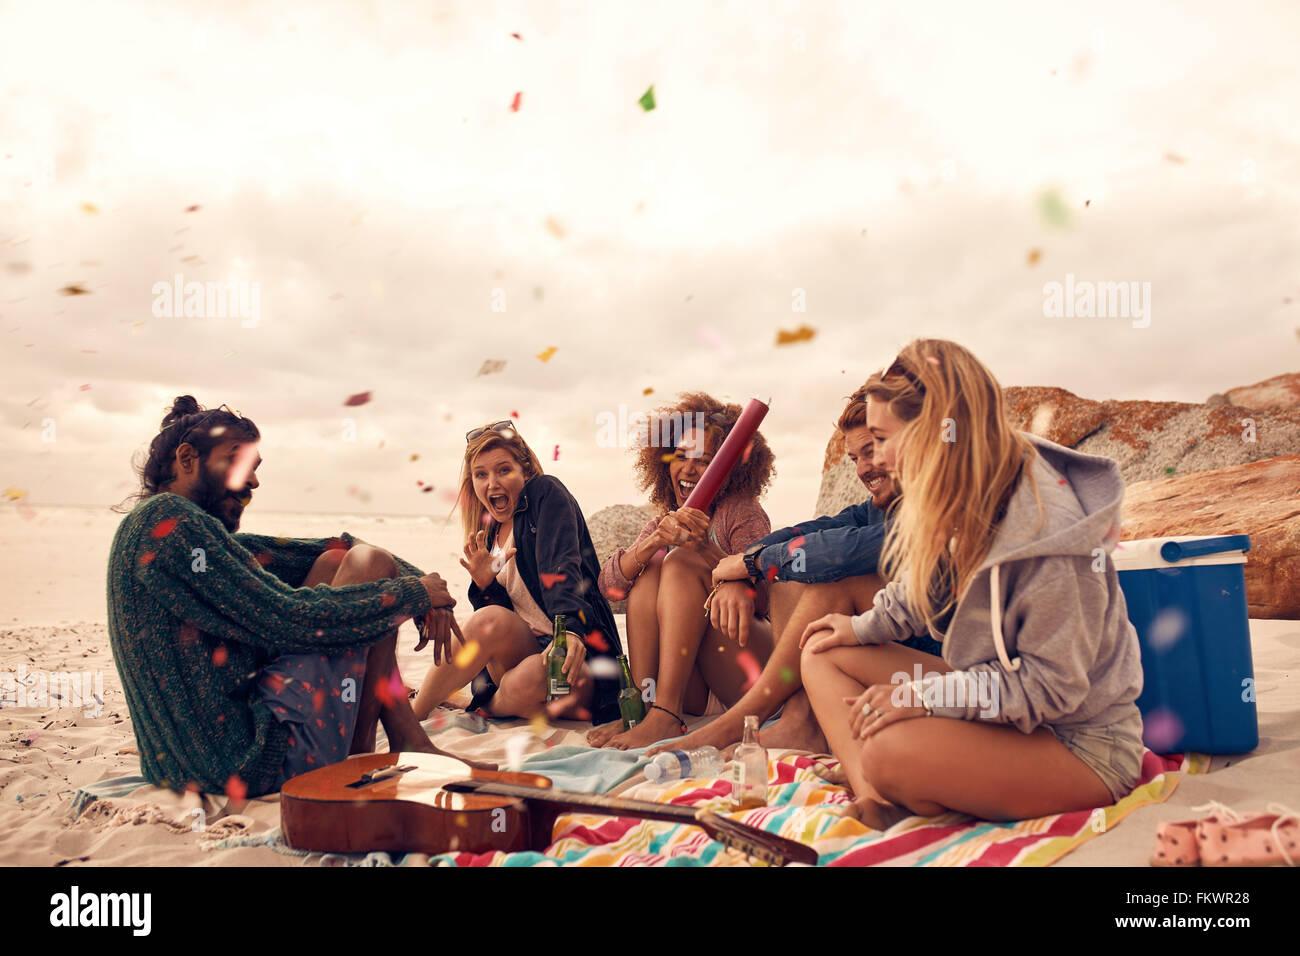 Happy amici festa sulla spiaggia con bevande e coriandoli. Felice giovani divertirsi presso il beach party, celebrando Immagini Stock